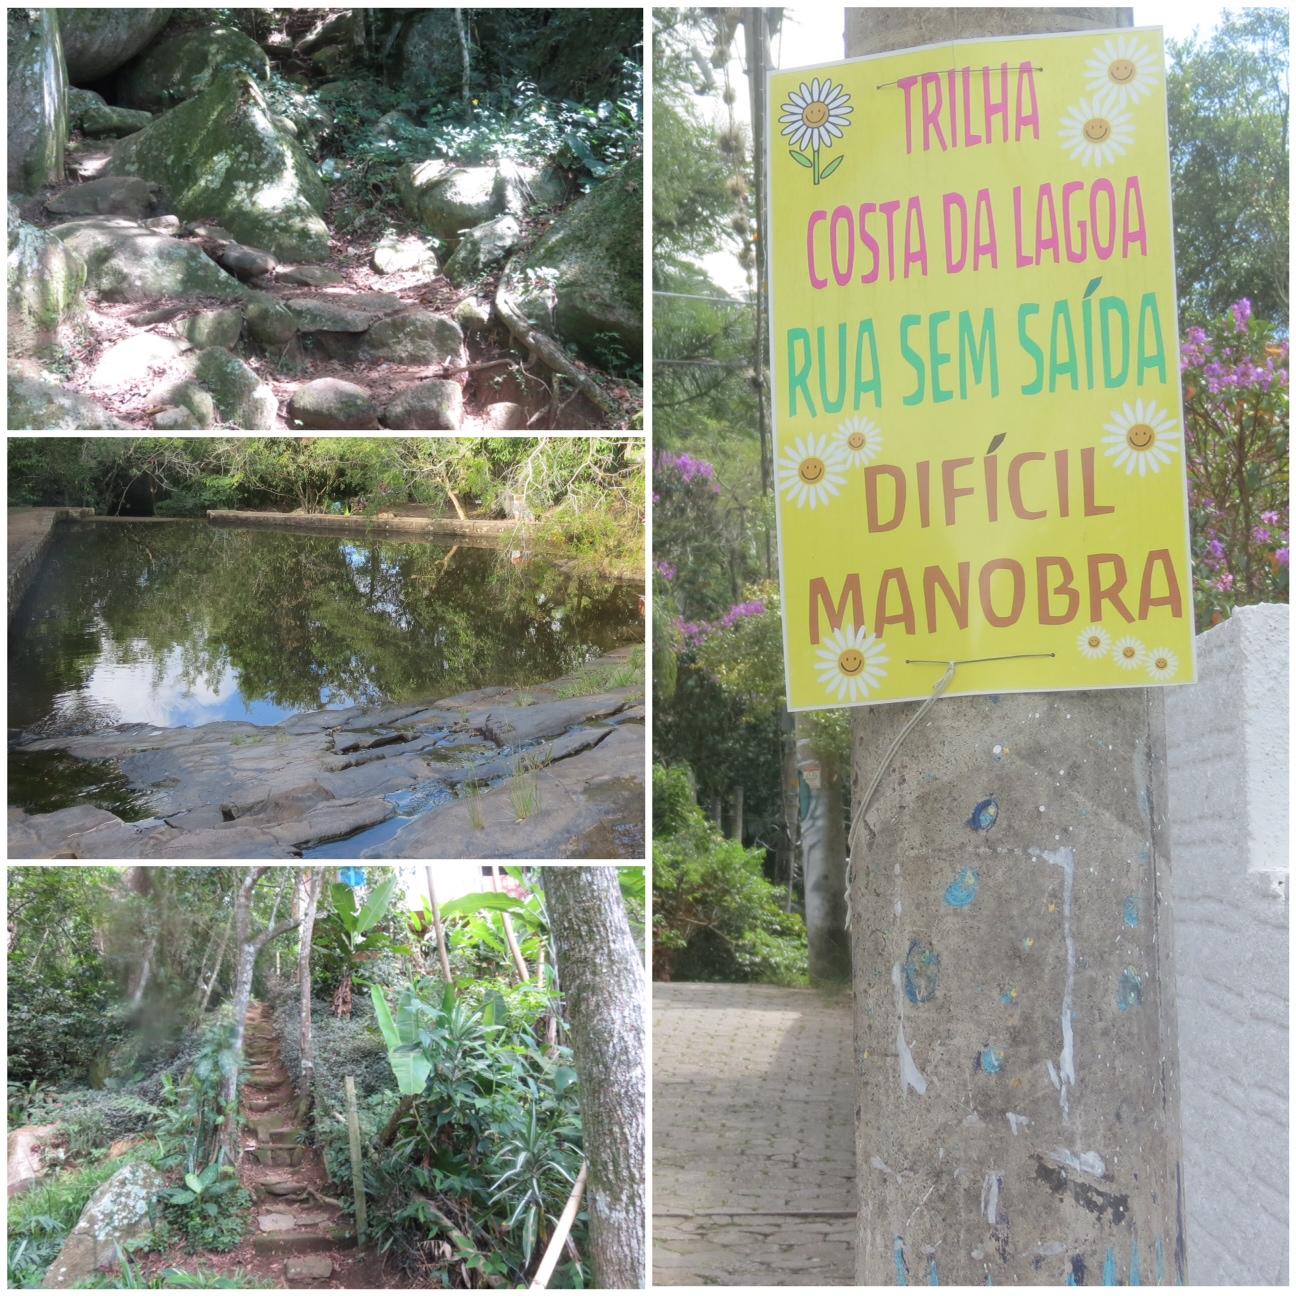 Trilha Lagoa da Conceição Floripa